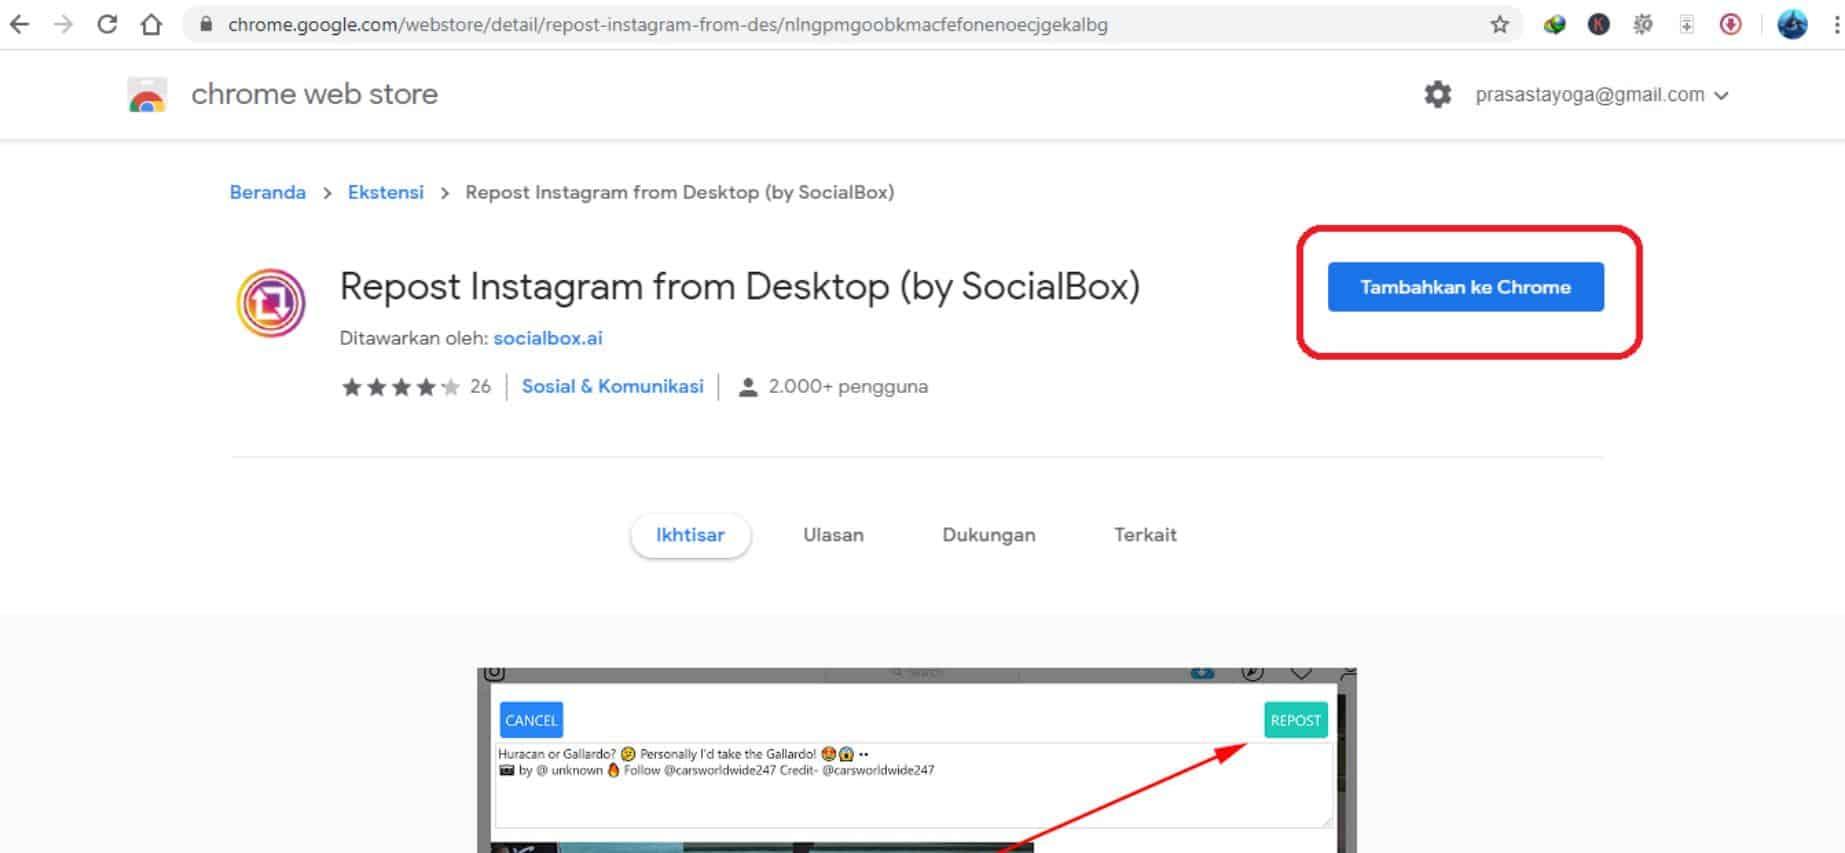 Setelah-itu-tambahkan-ekstensi-Ekstensi-Repost-Instagram-from-Desktop-by-SocialBox